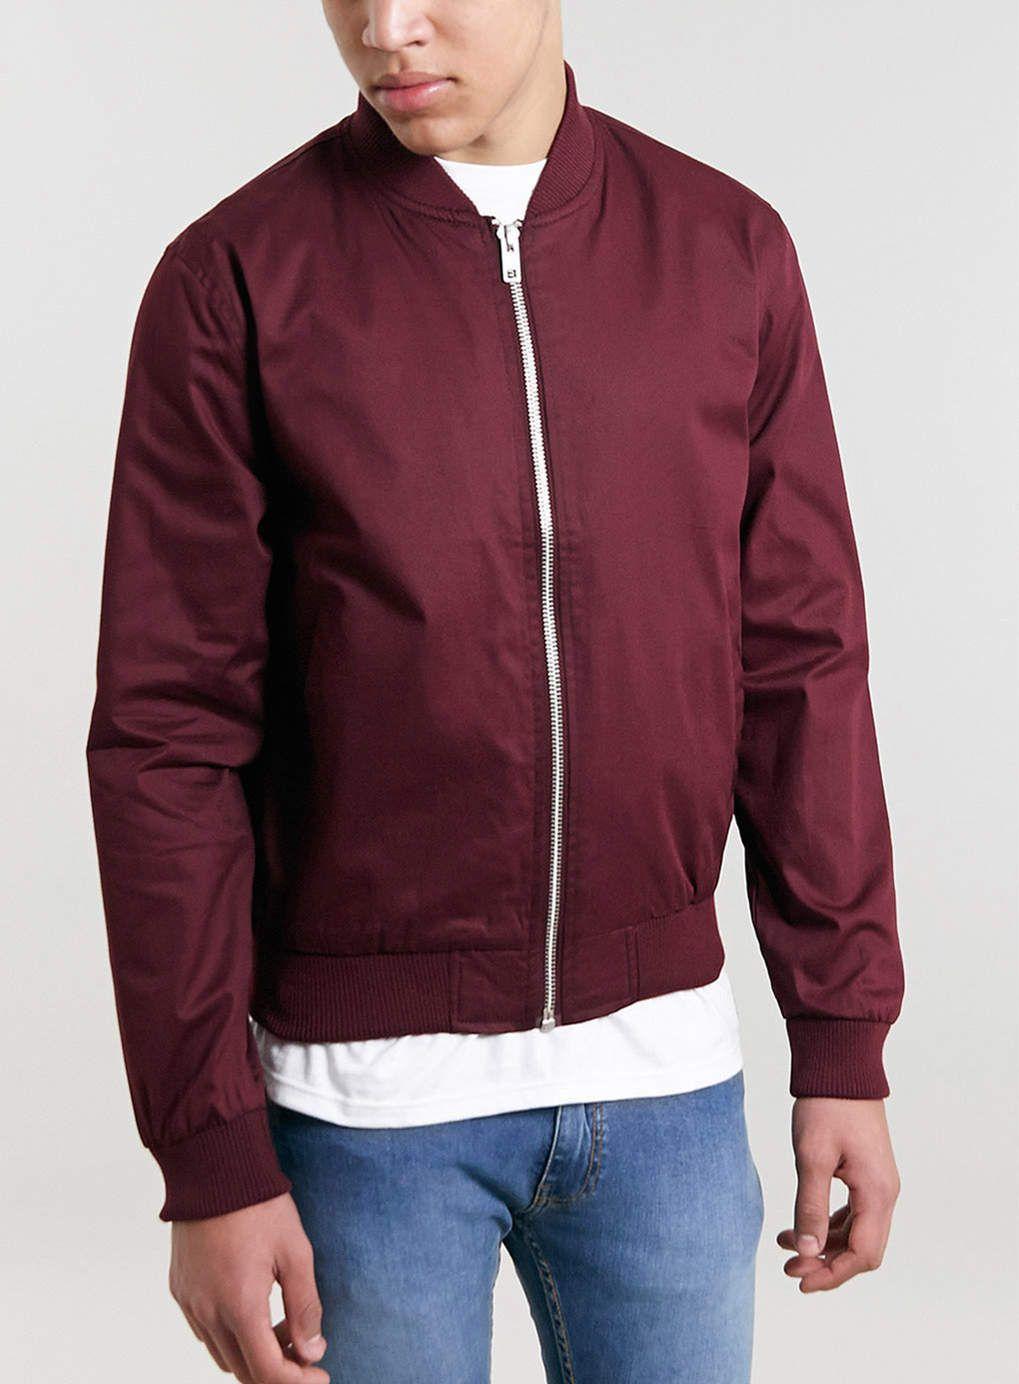 BURGUNDY BOMBER JACKET - Casual Jackets | Burgundy bomber jacket